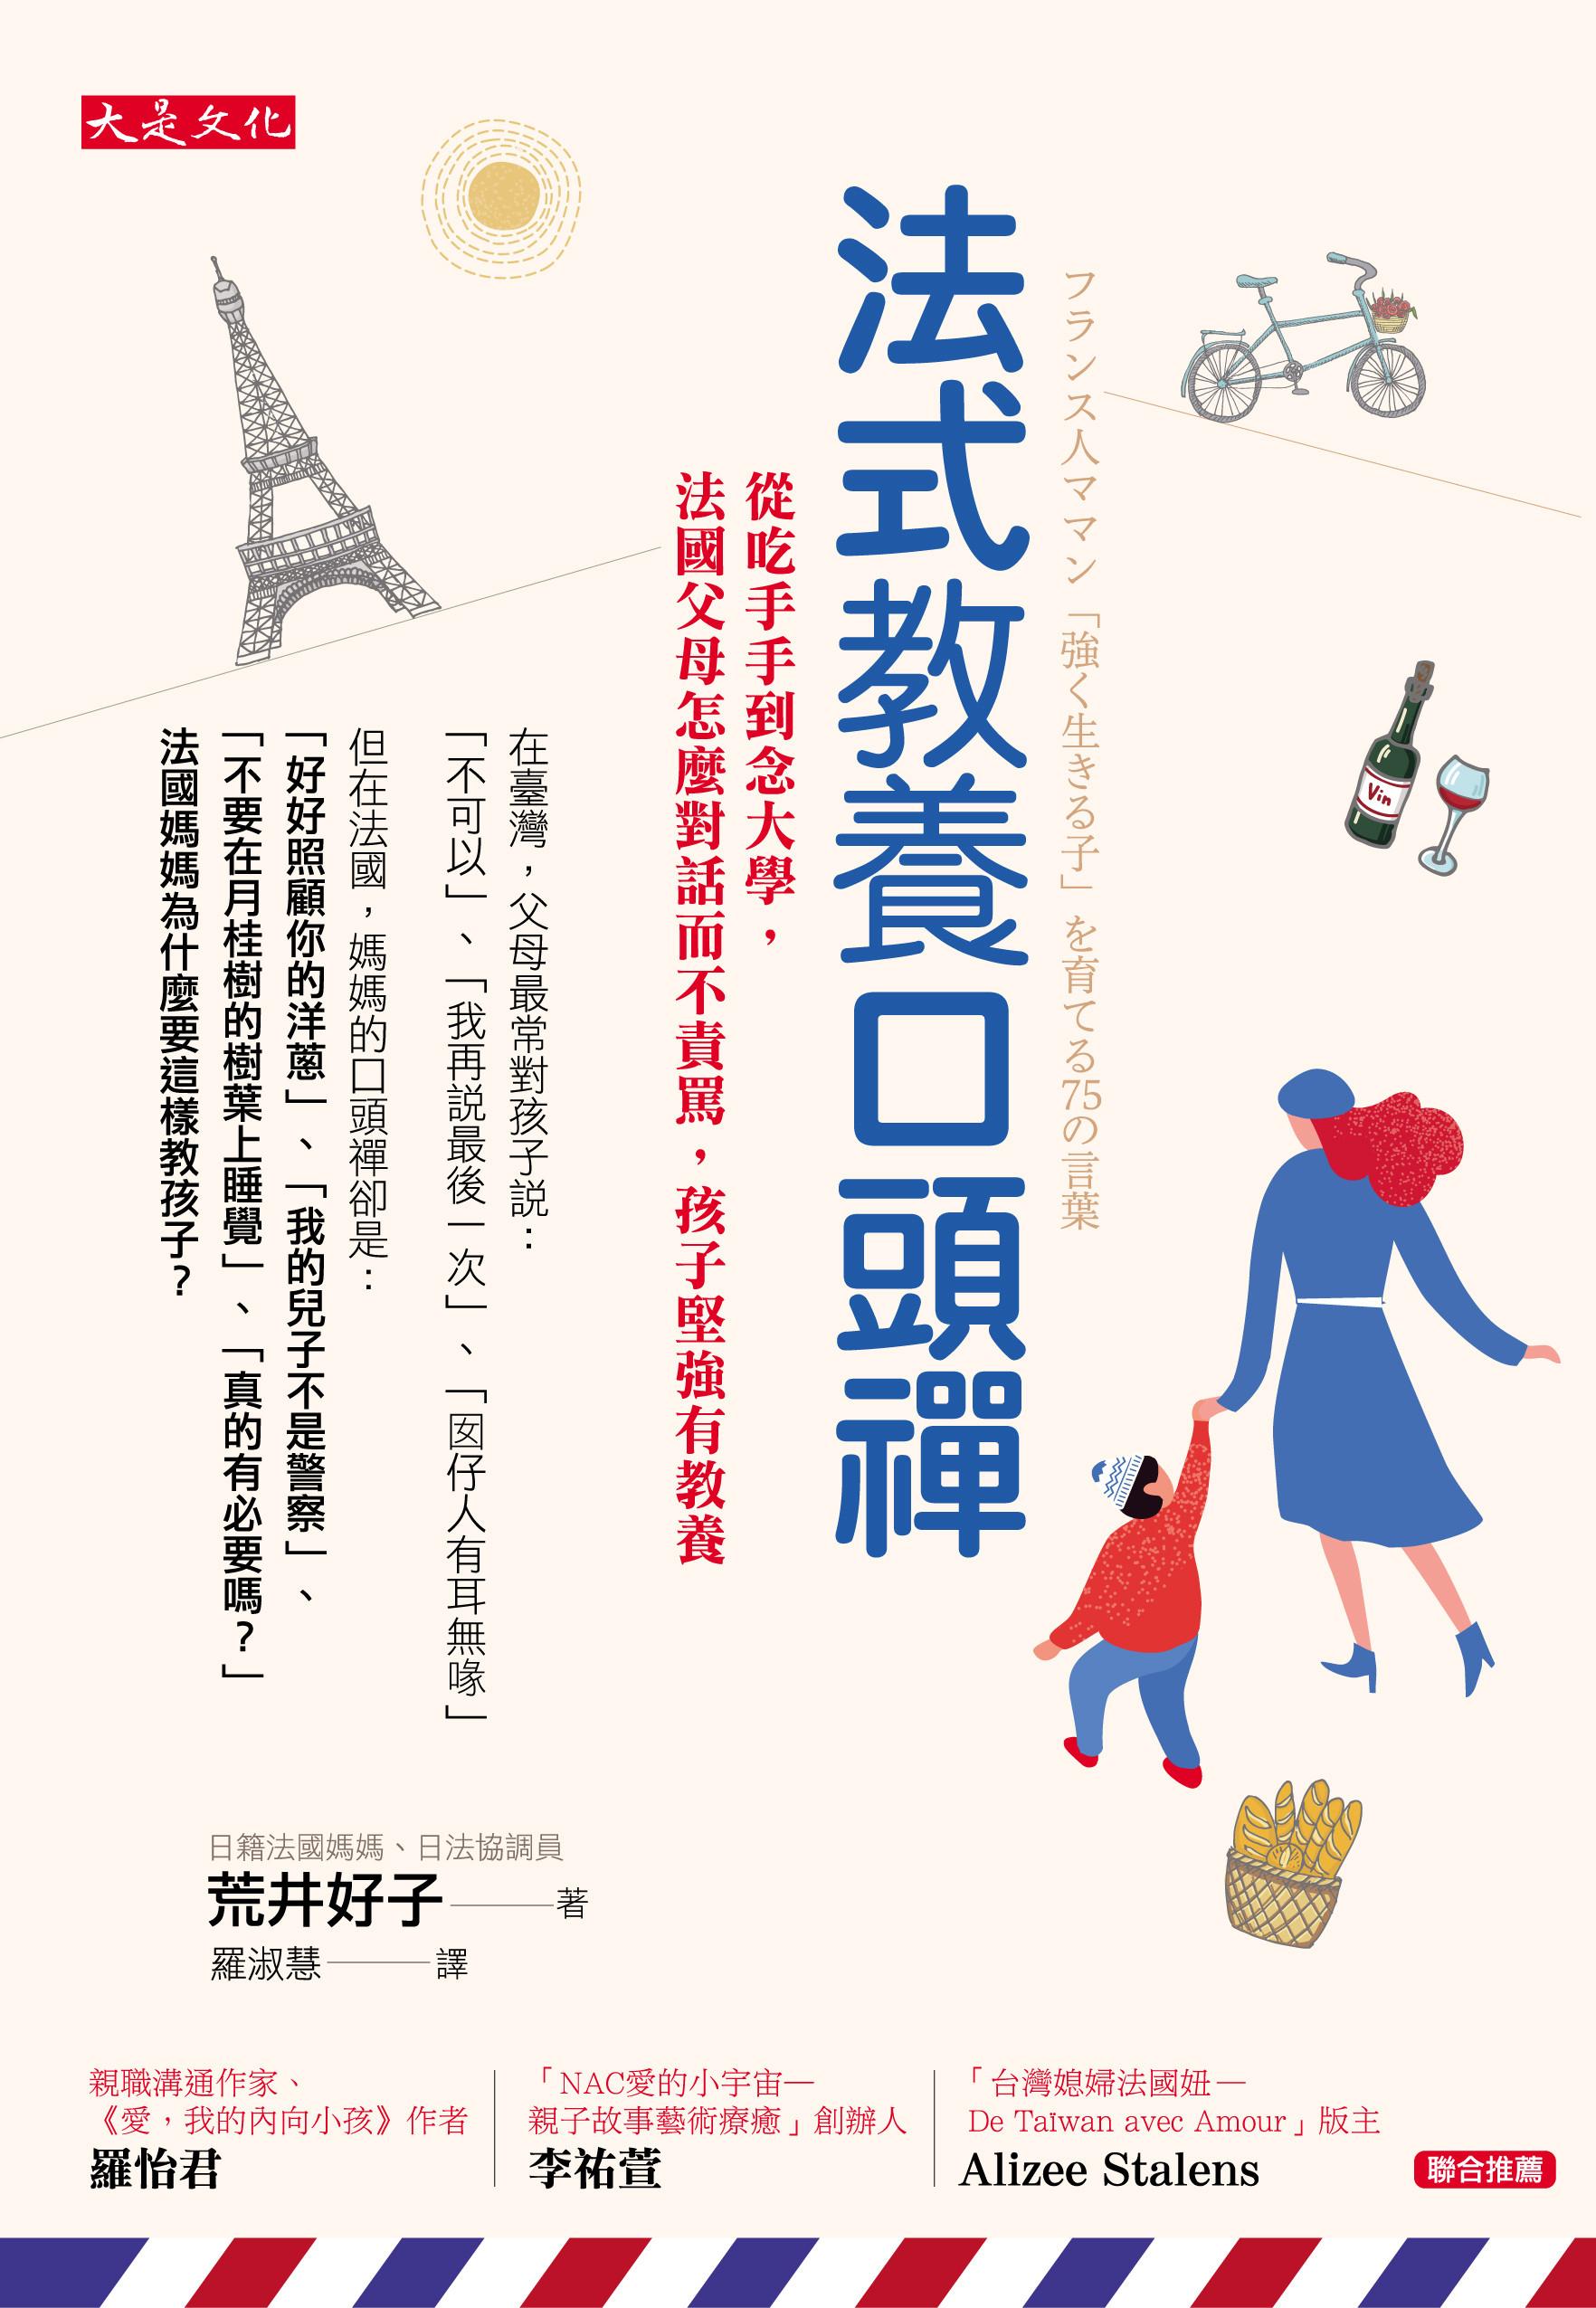 《法式教養口頭禪》書封(圖/大是文化提供)